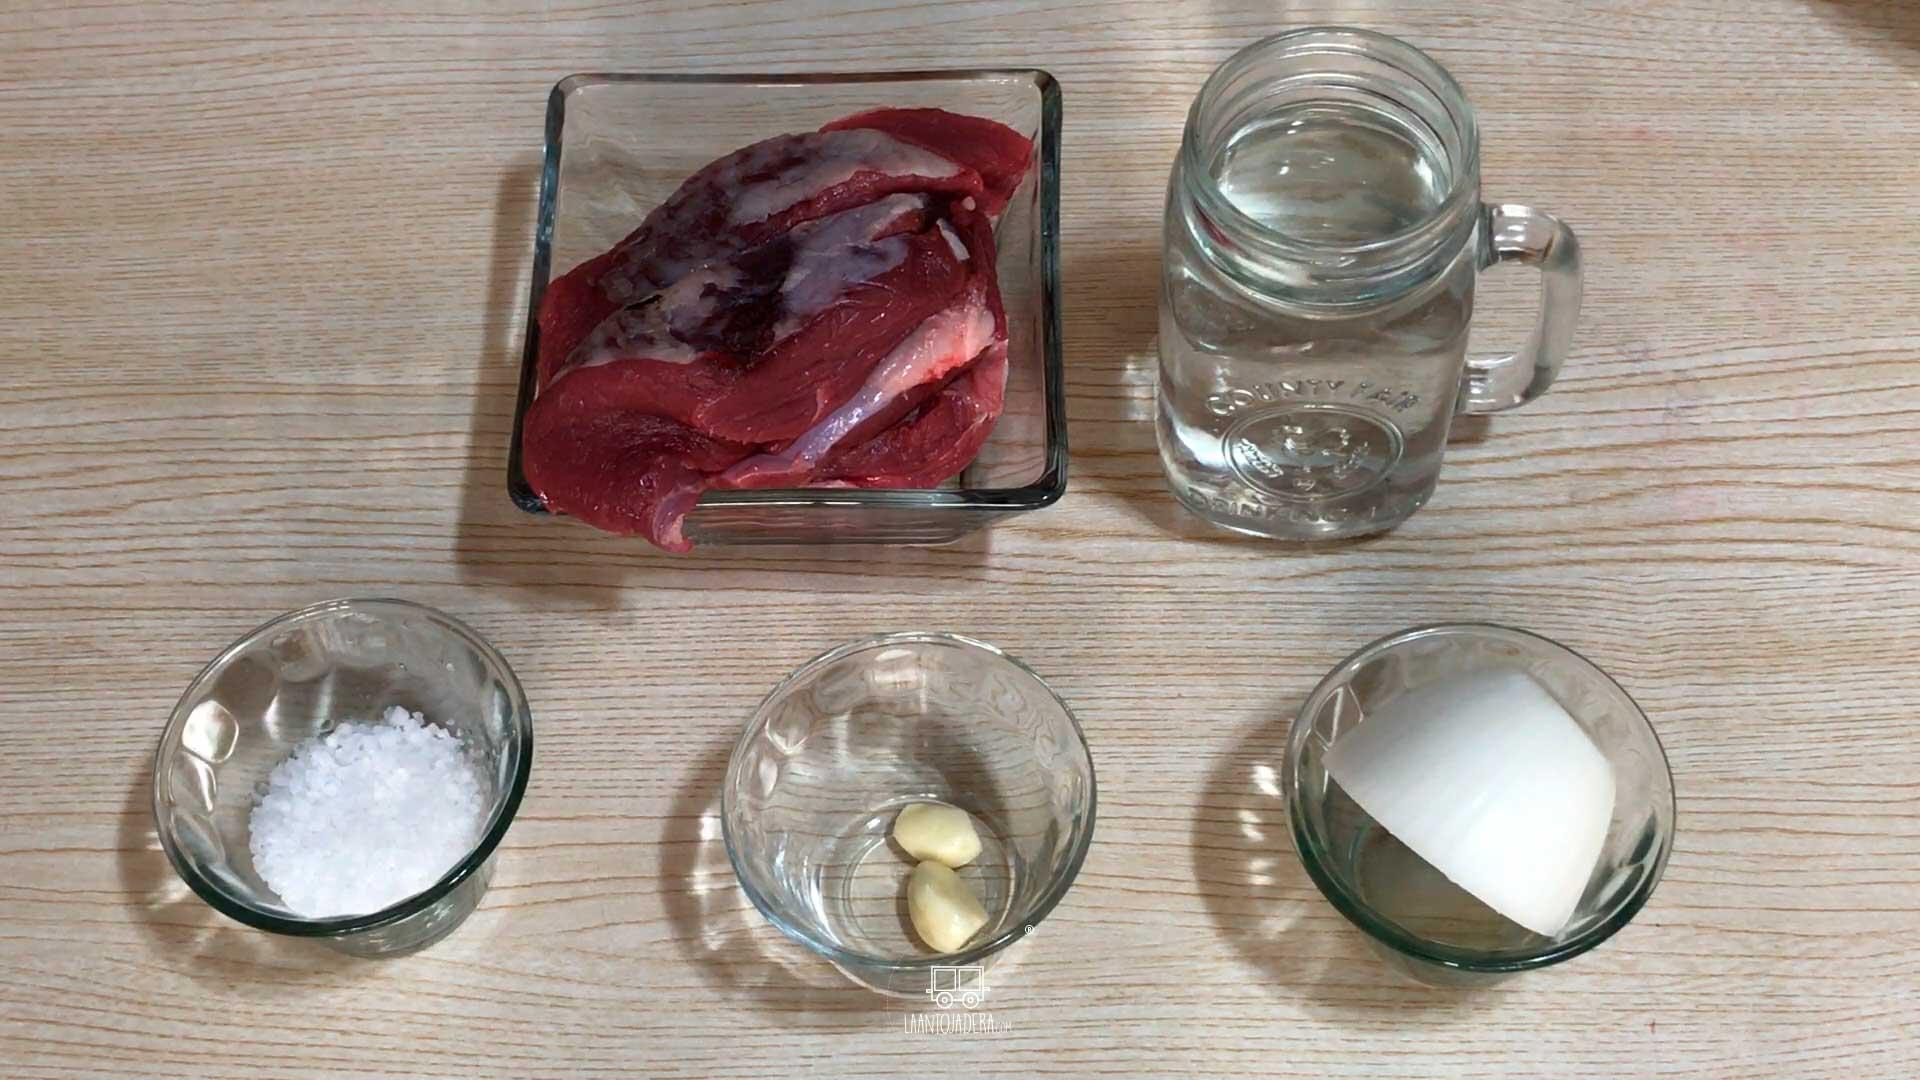 La Antojadera | Cocer Carne de Res